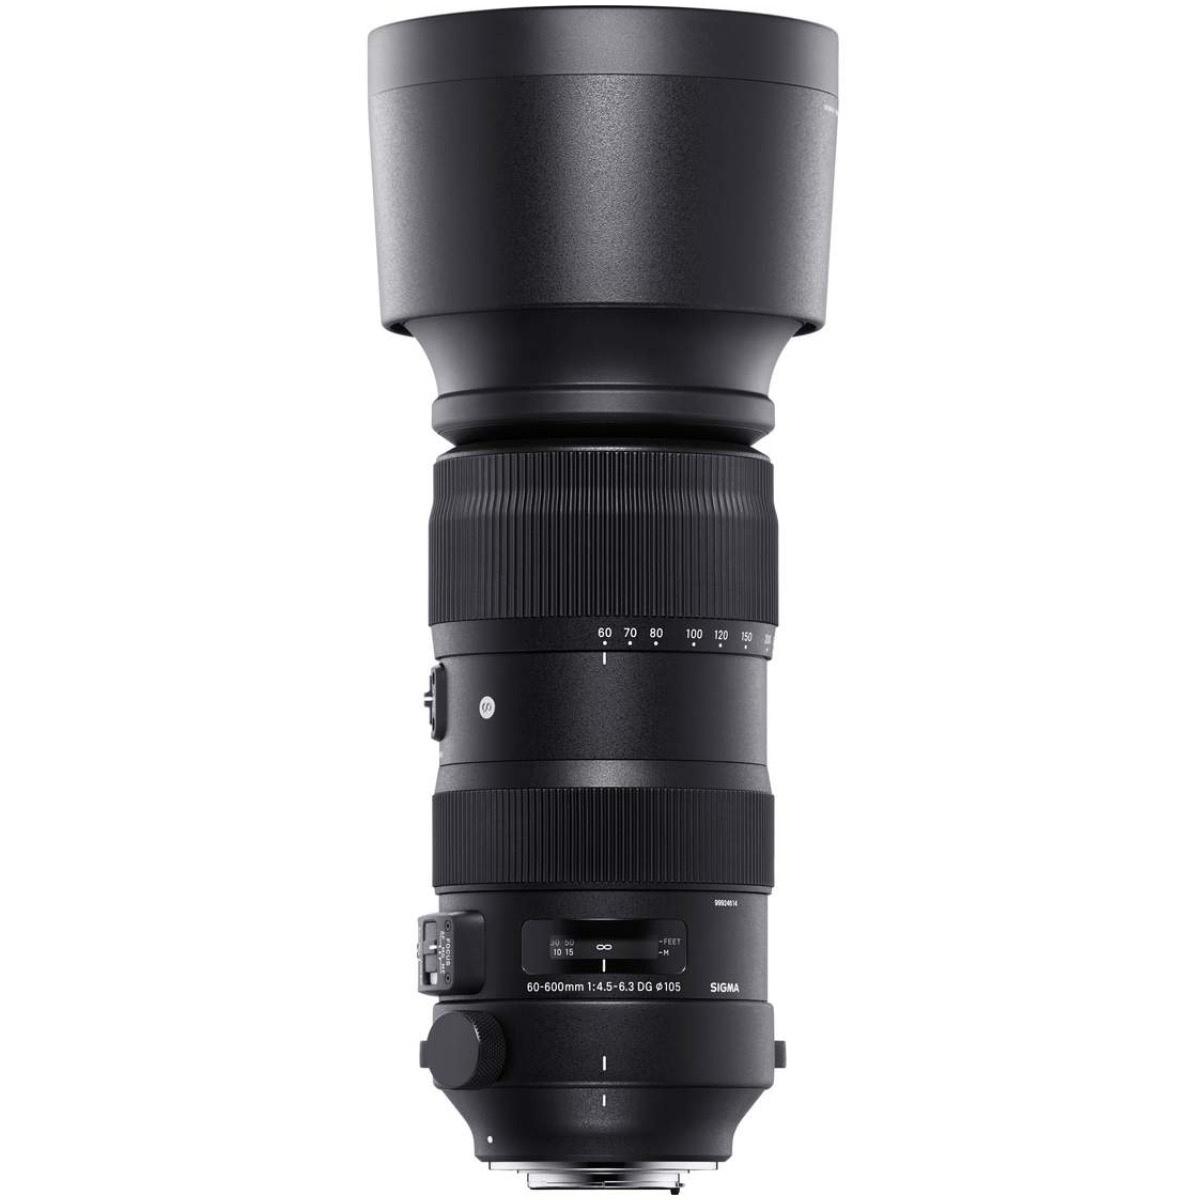 Sigma 60-600 mm 1:4,5-6,3 DG OS HSM Sports EF